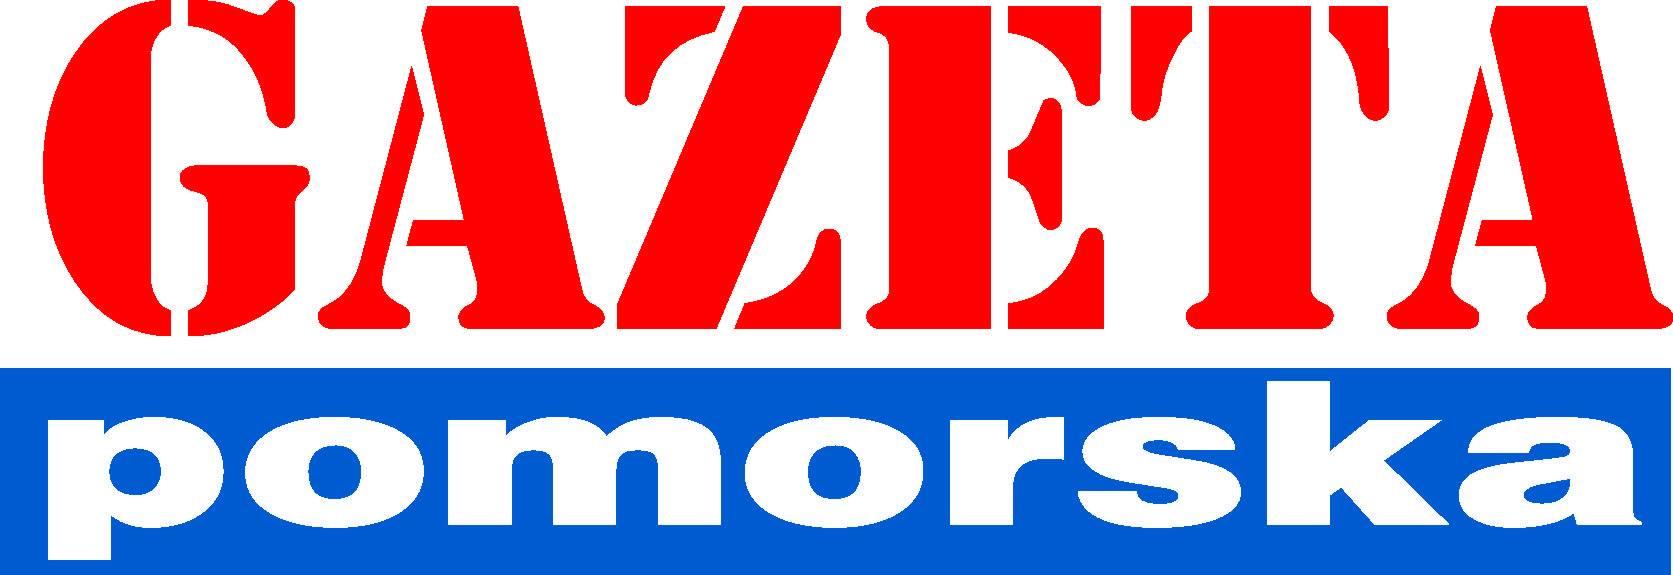 m03 Gazeta Pomorska